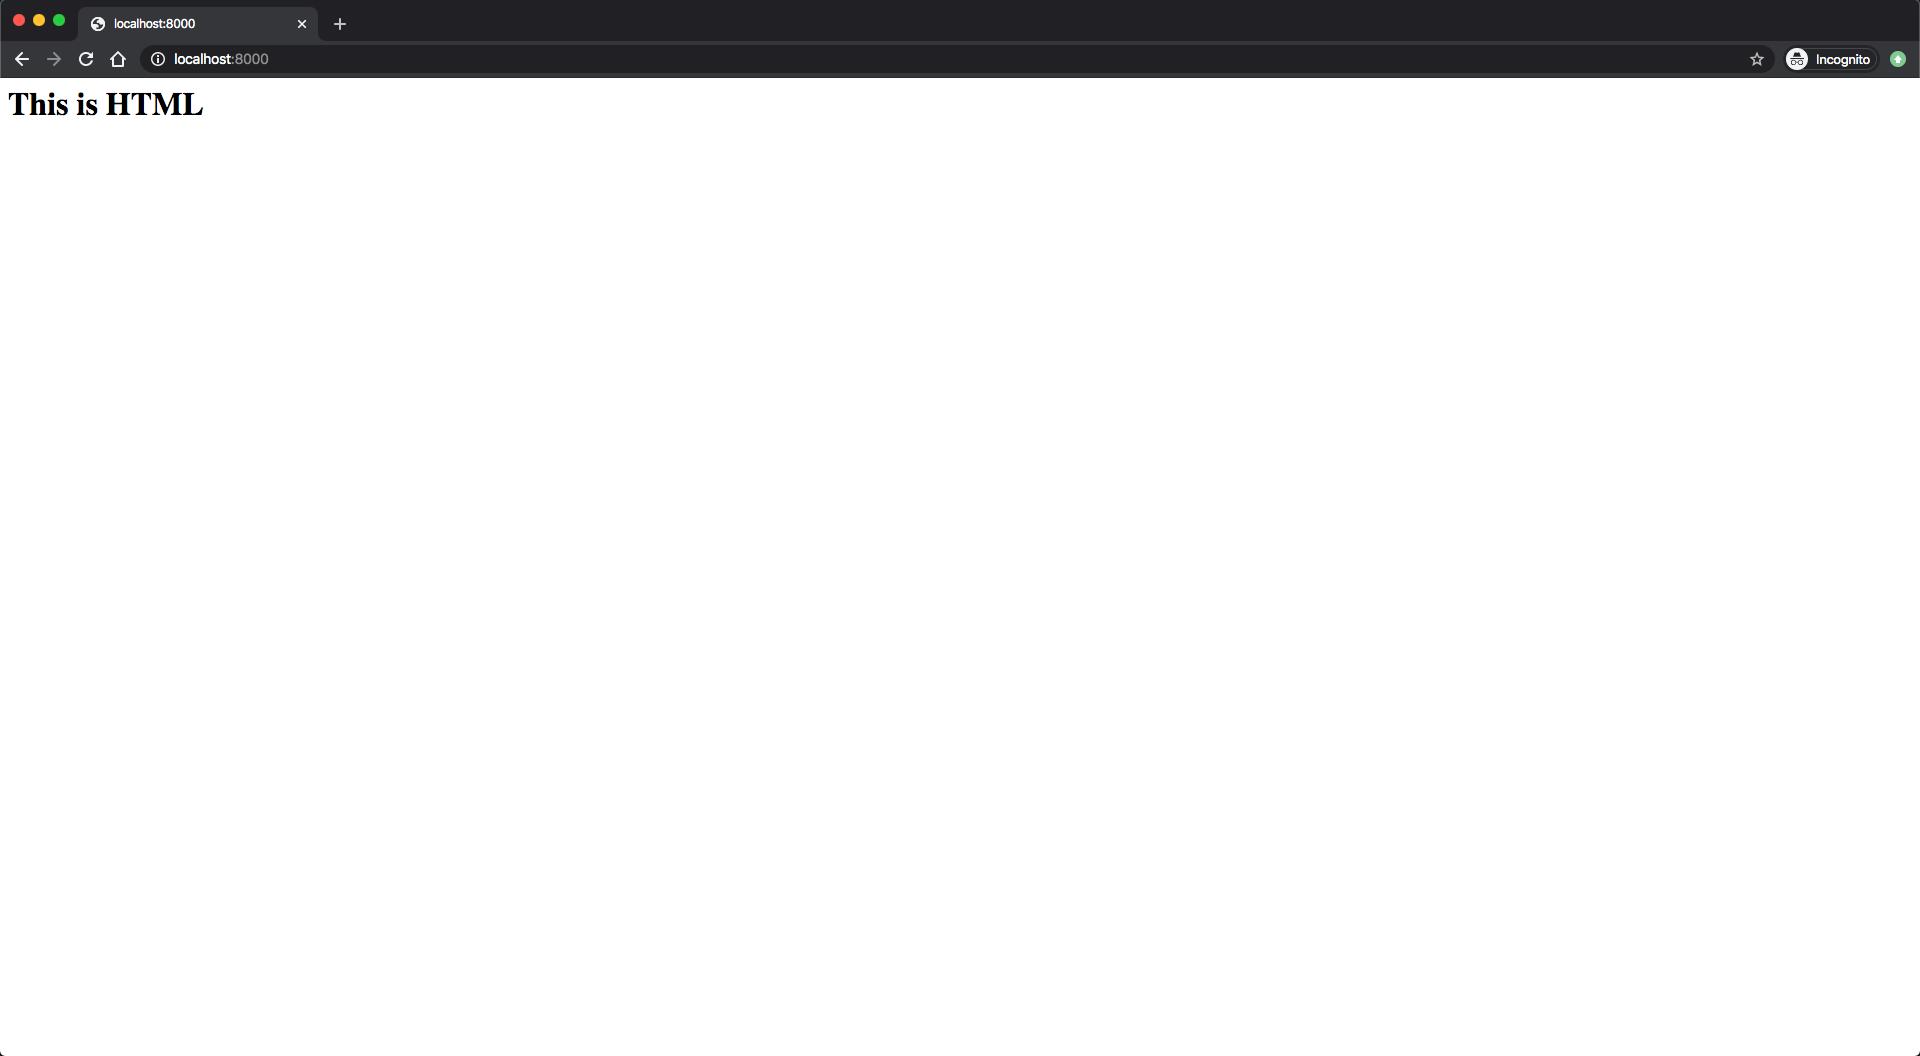 Изображение ответа HTML, возвращаемого сервером Node.js